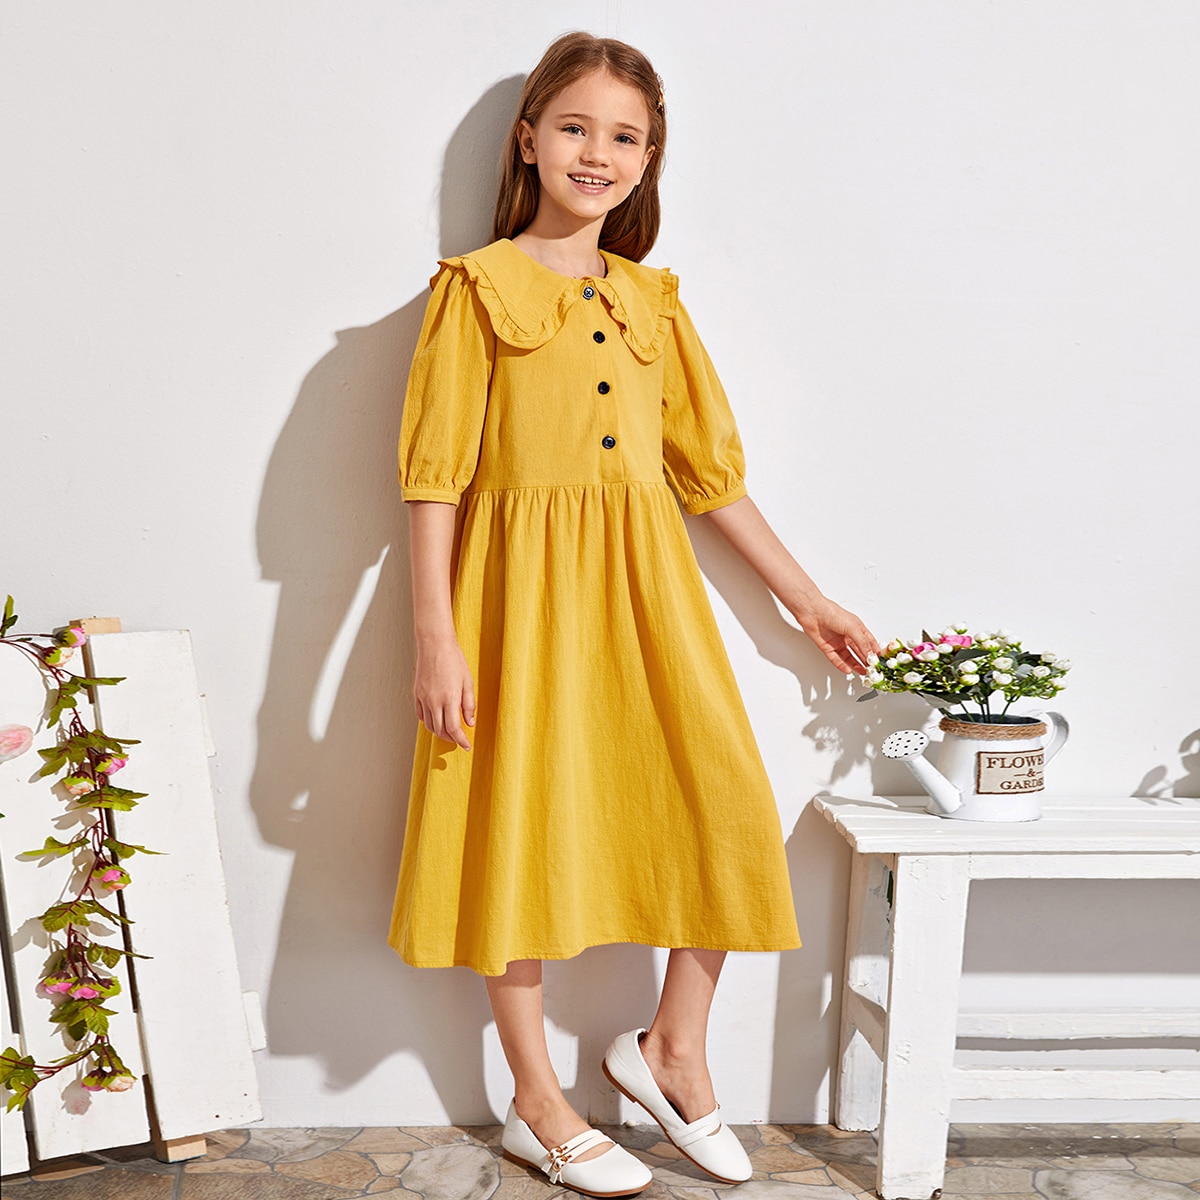 Модное платье с пуговицами без сумки для девочек фото